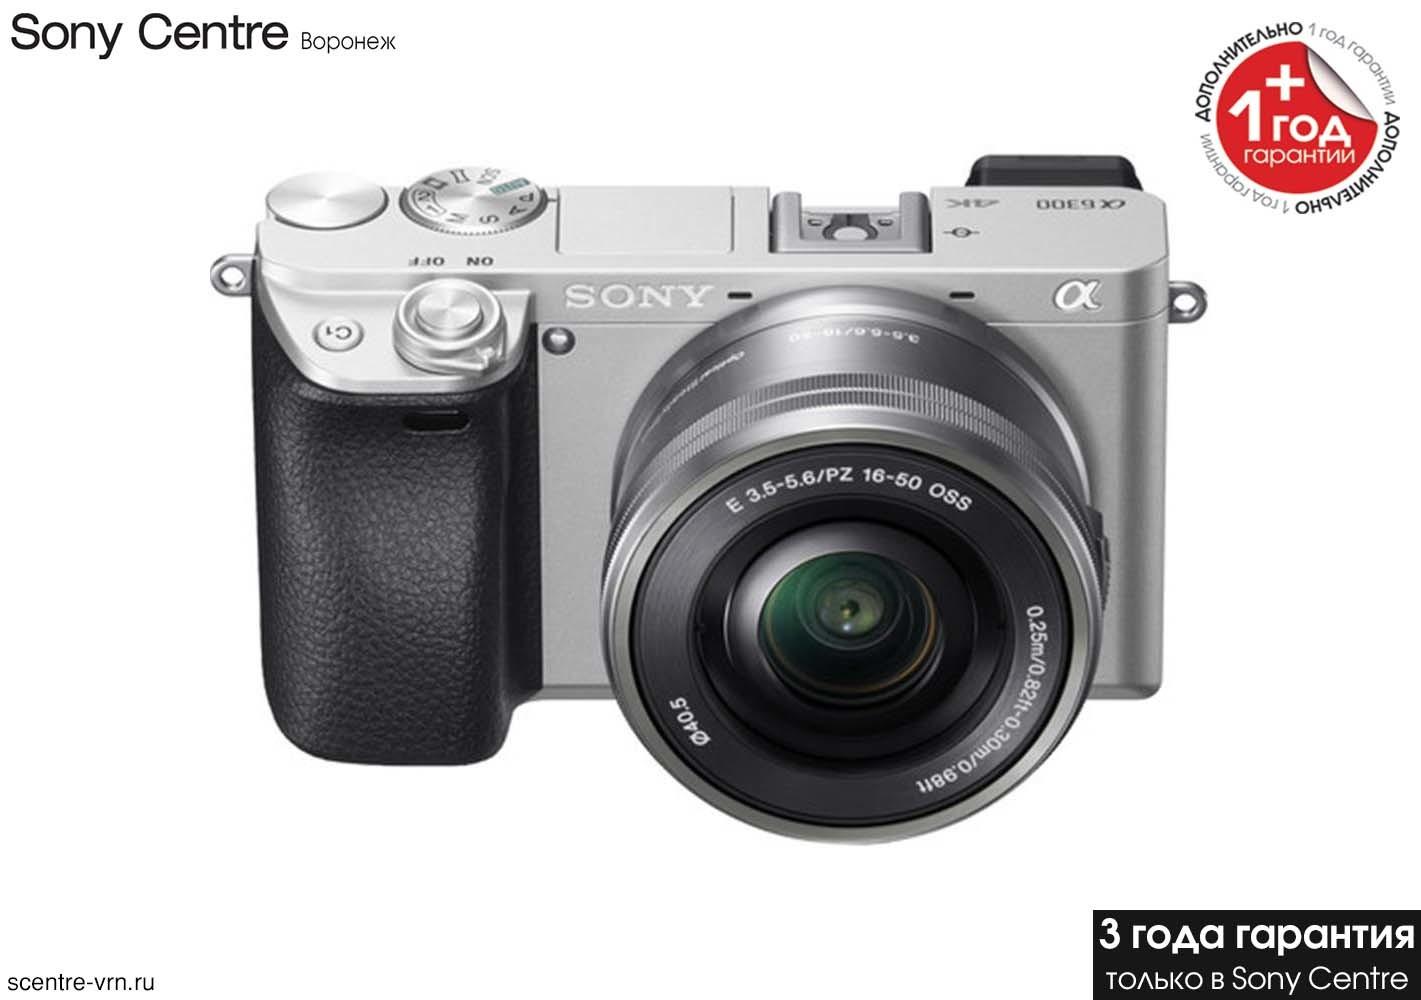 Фотокамера Sony A6300L серебристого цвета с объективом SEL-P1650